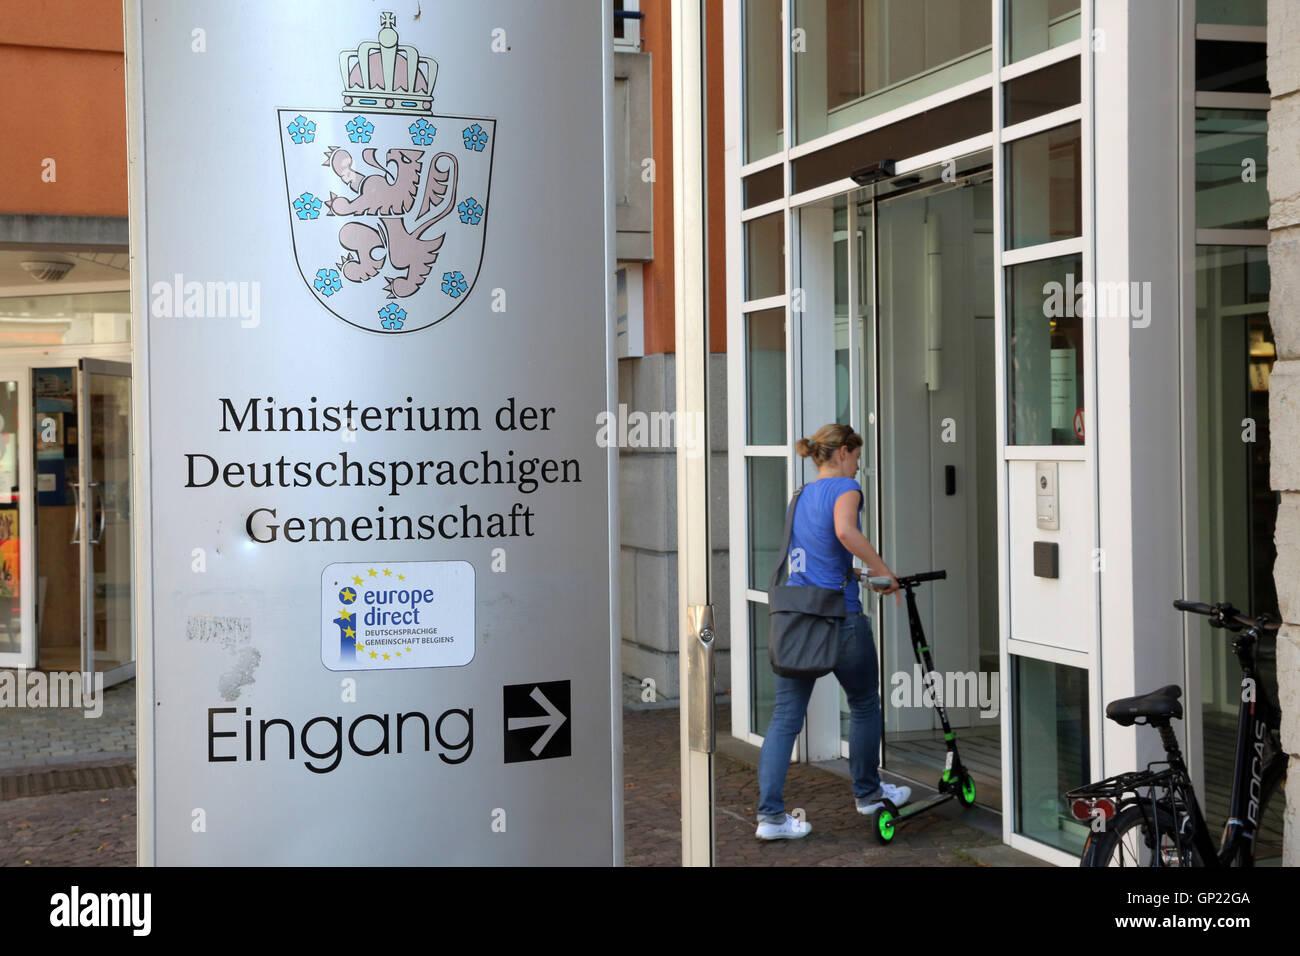 Eingang zum Ministerium der Deutschprachigen Gemeinschaft in Eupen, Belgien. Stock Photo